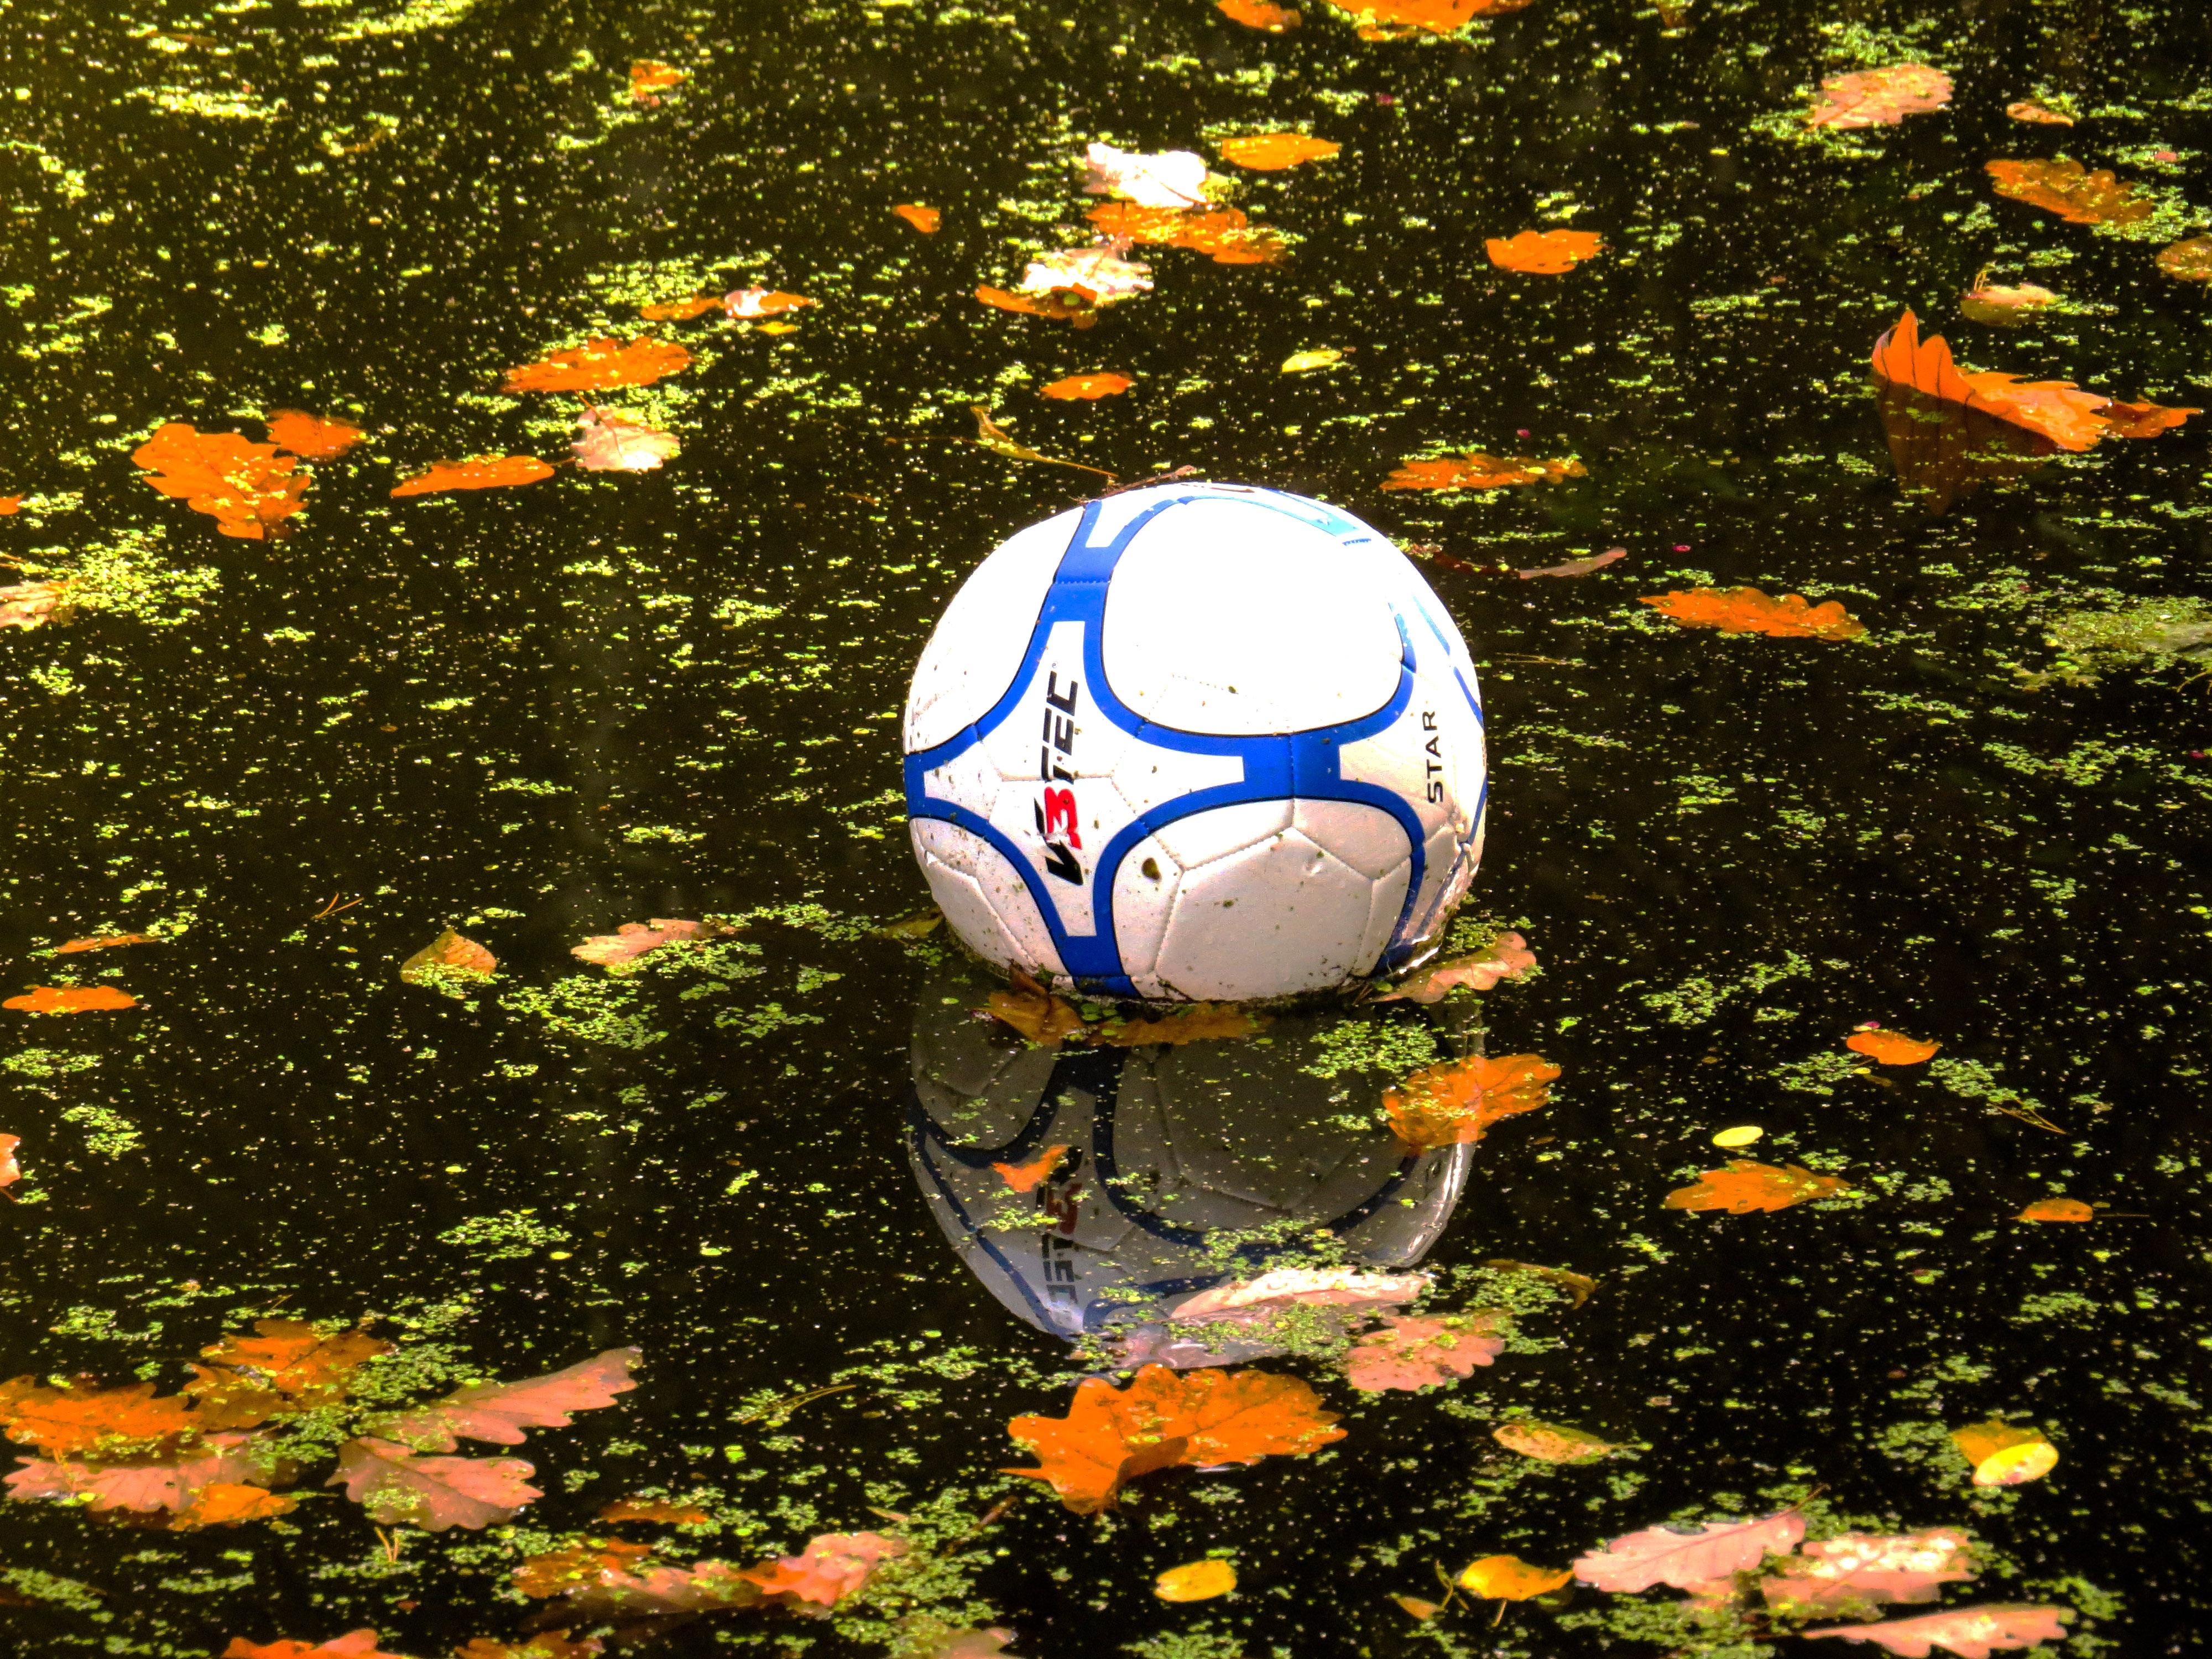 Kostenlose foto : Gras, Blume, Herbst, Gelb, Fußball, Spielzeug ...